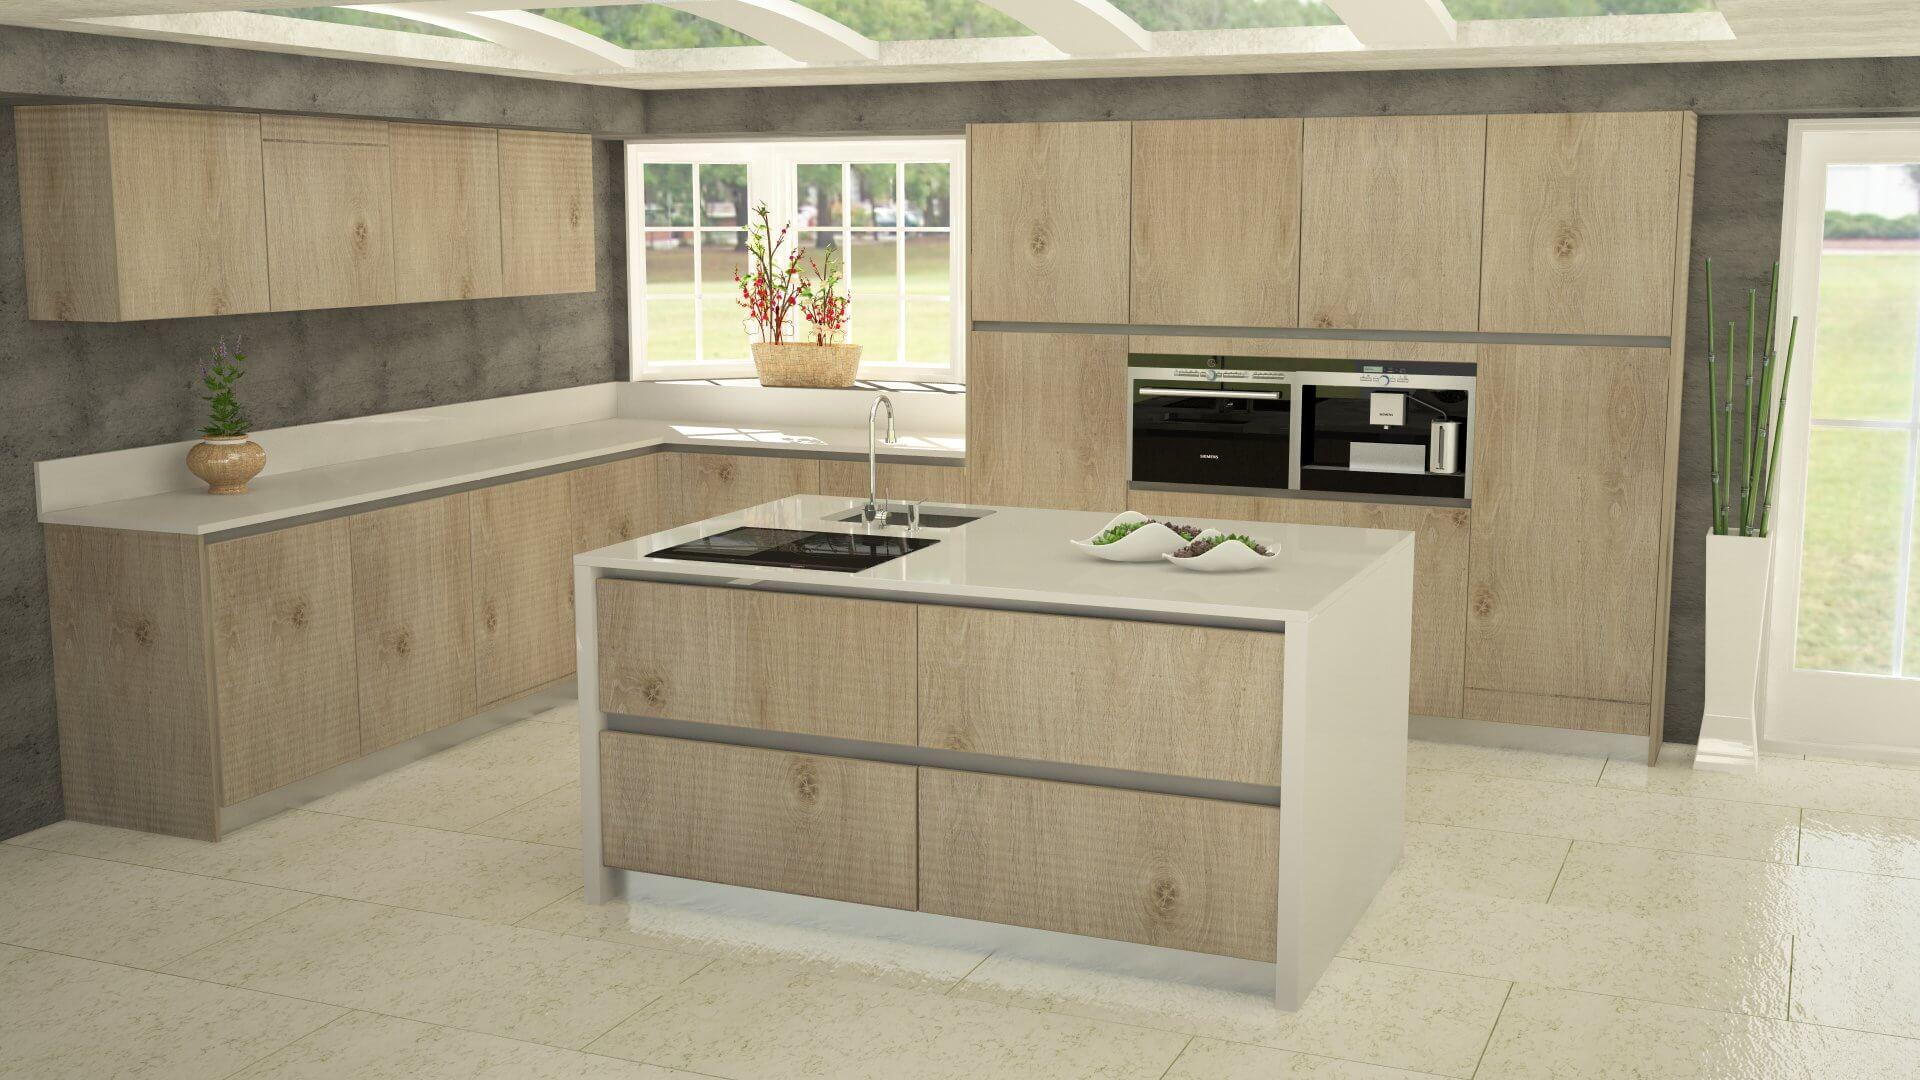 Configurador muebles de cocinas 2017 lasan decoracion for Muebles para cocina baratos